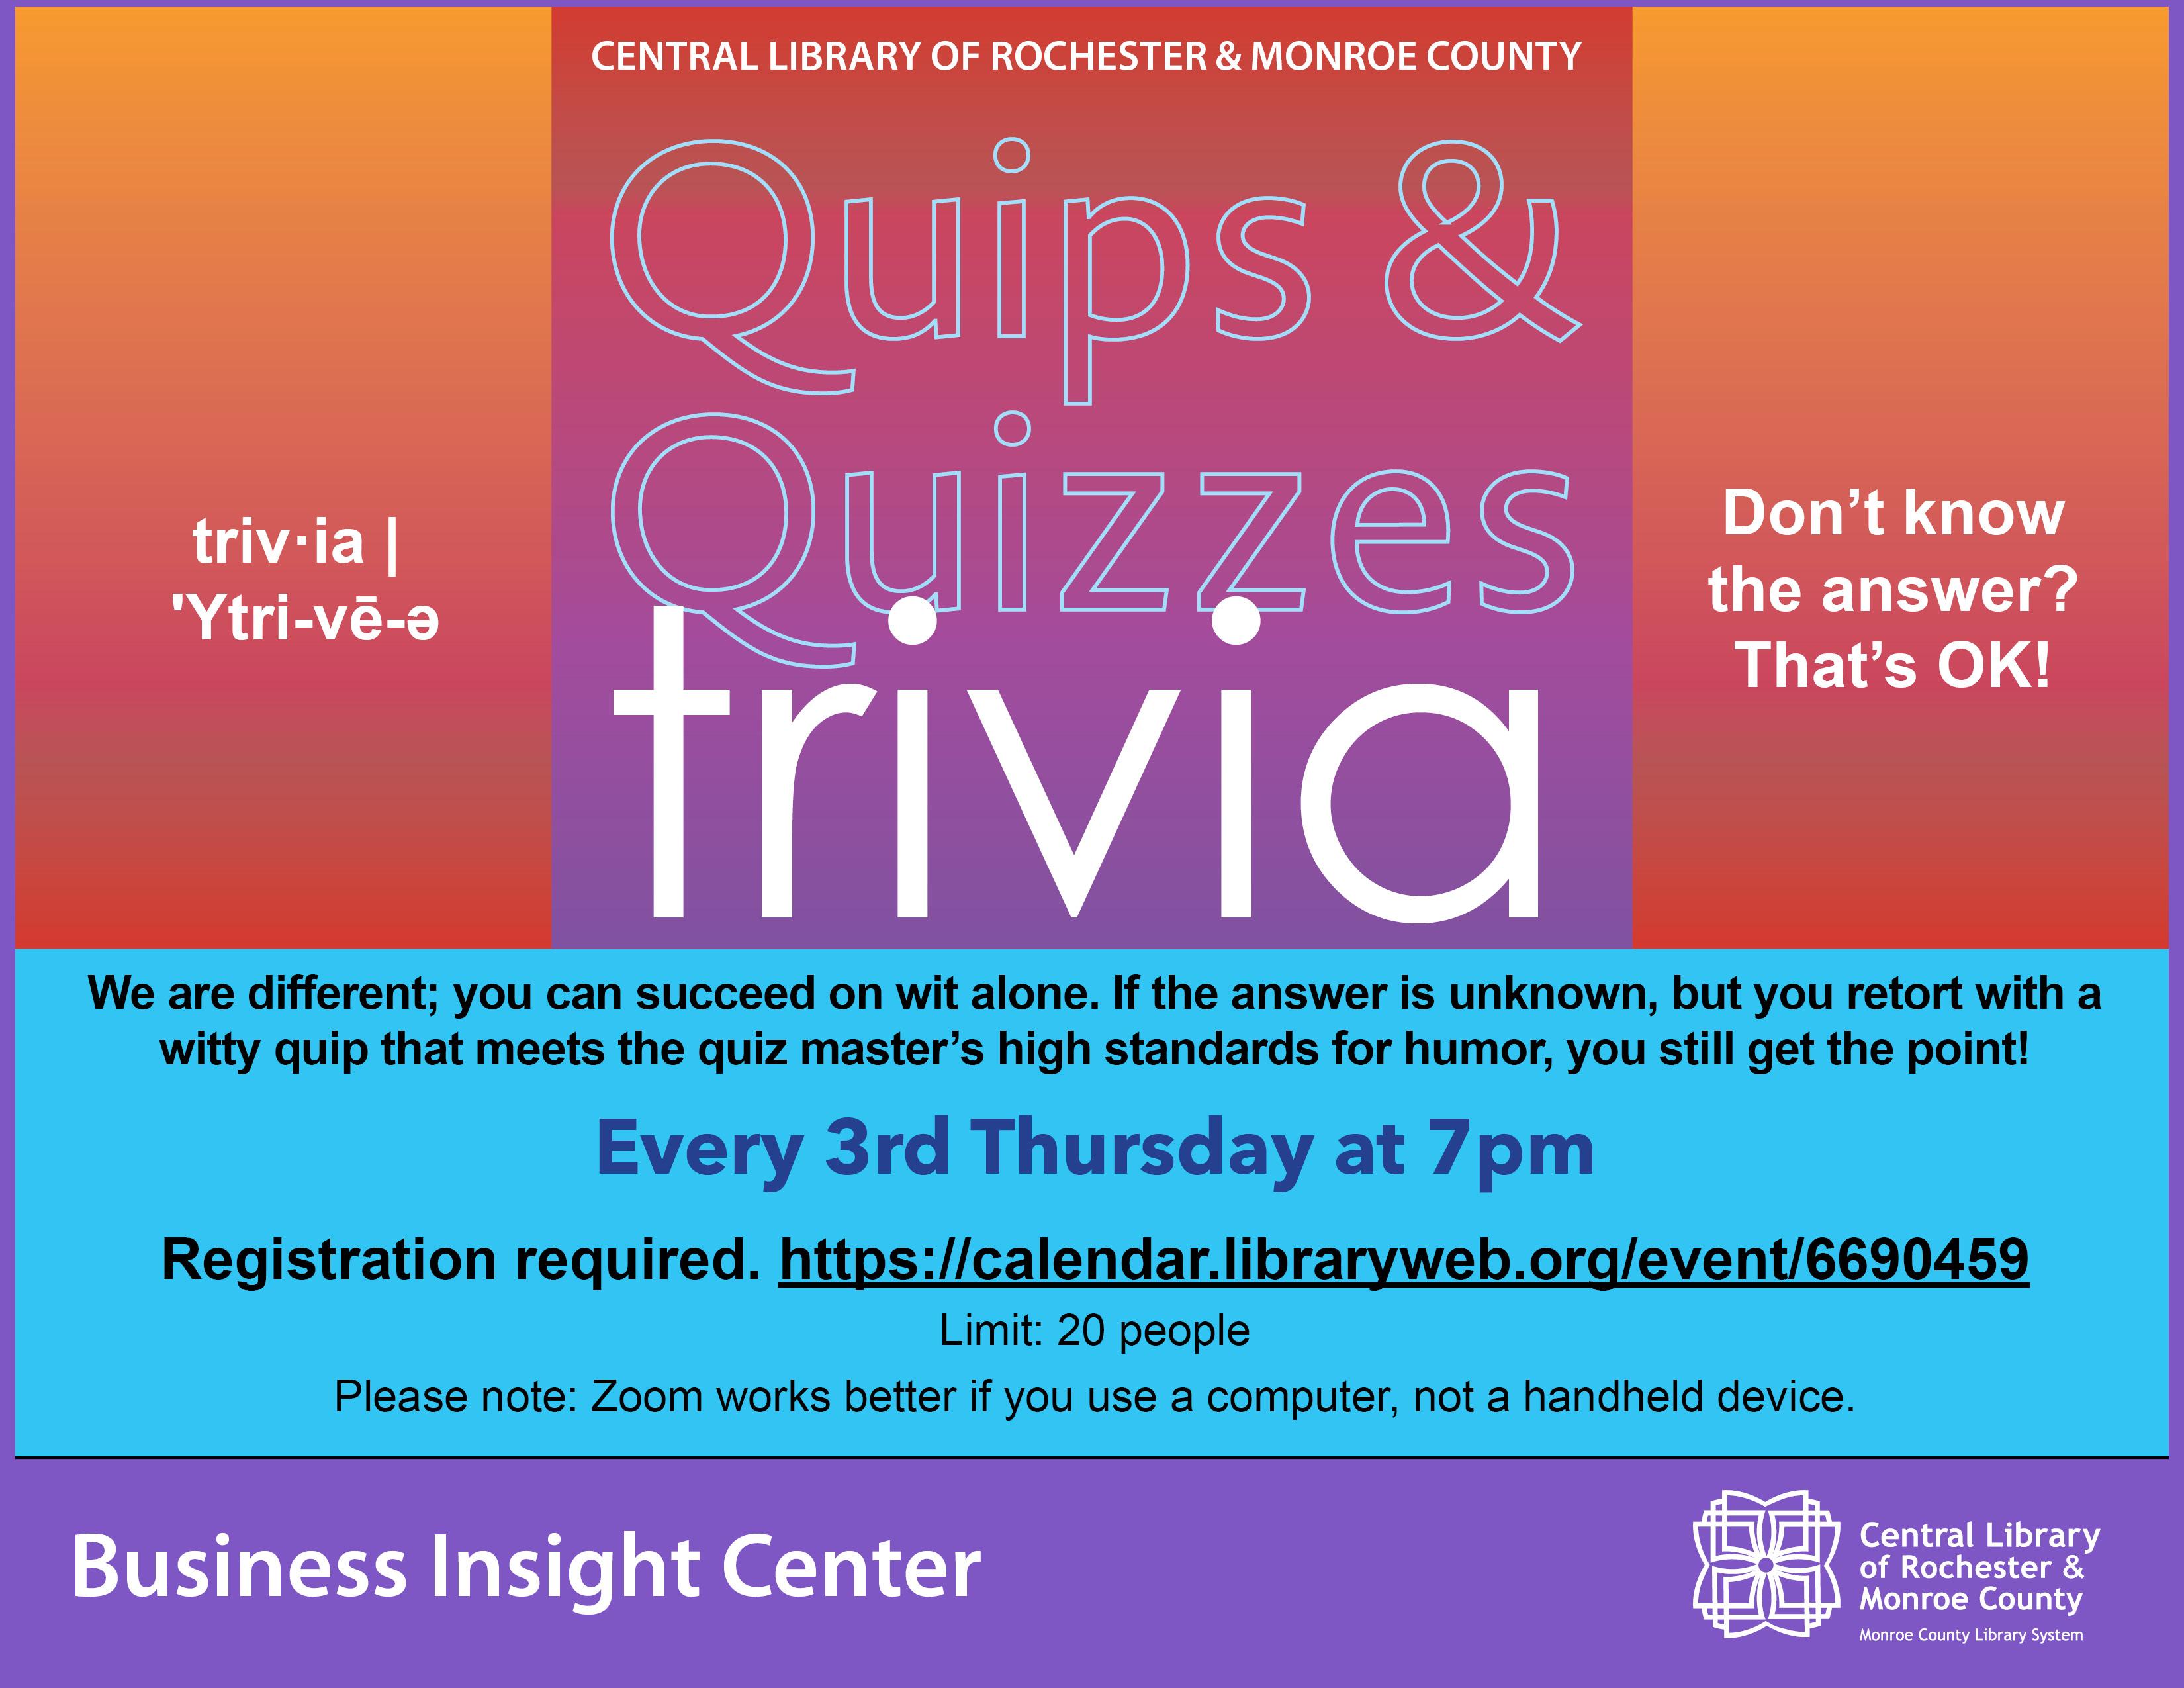 Quips & Quizzes